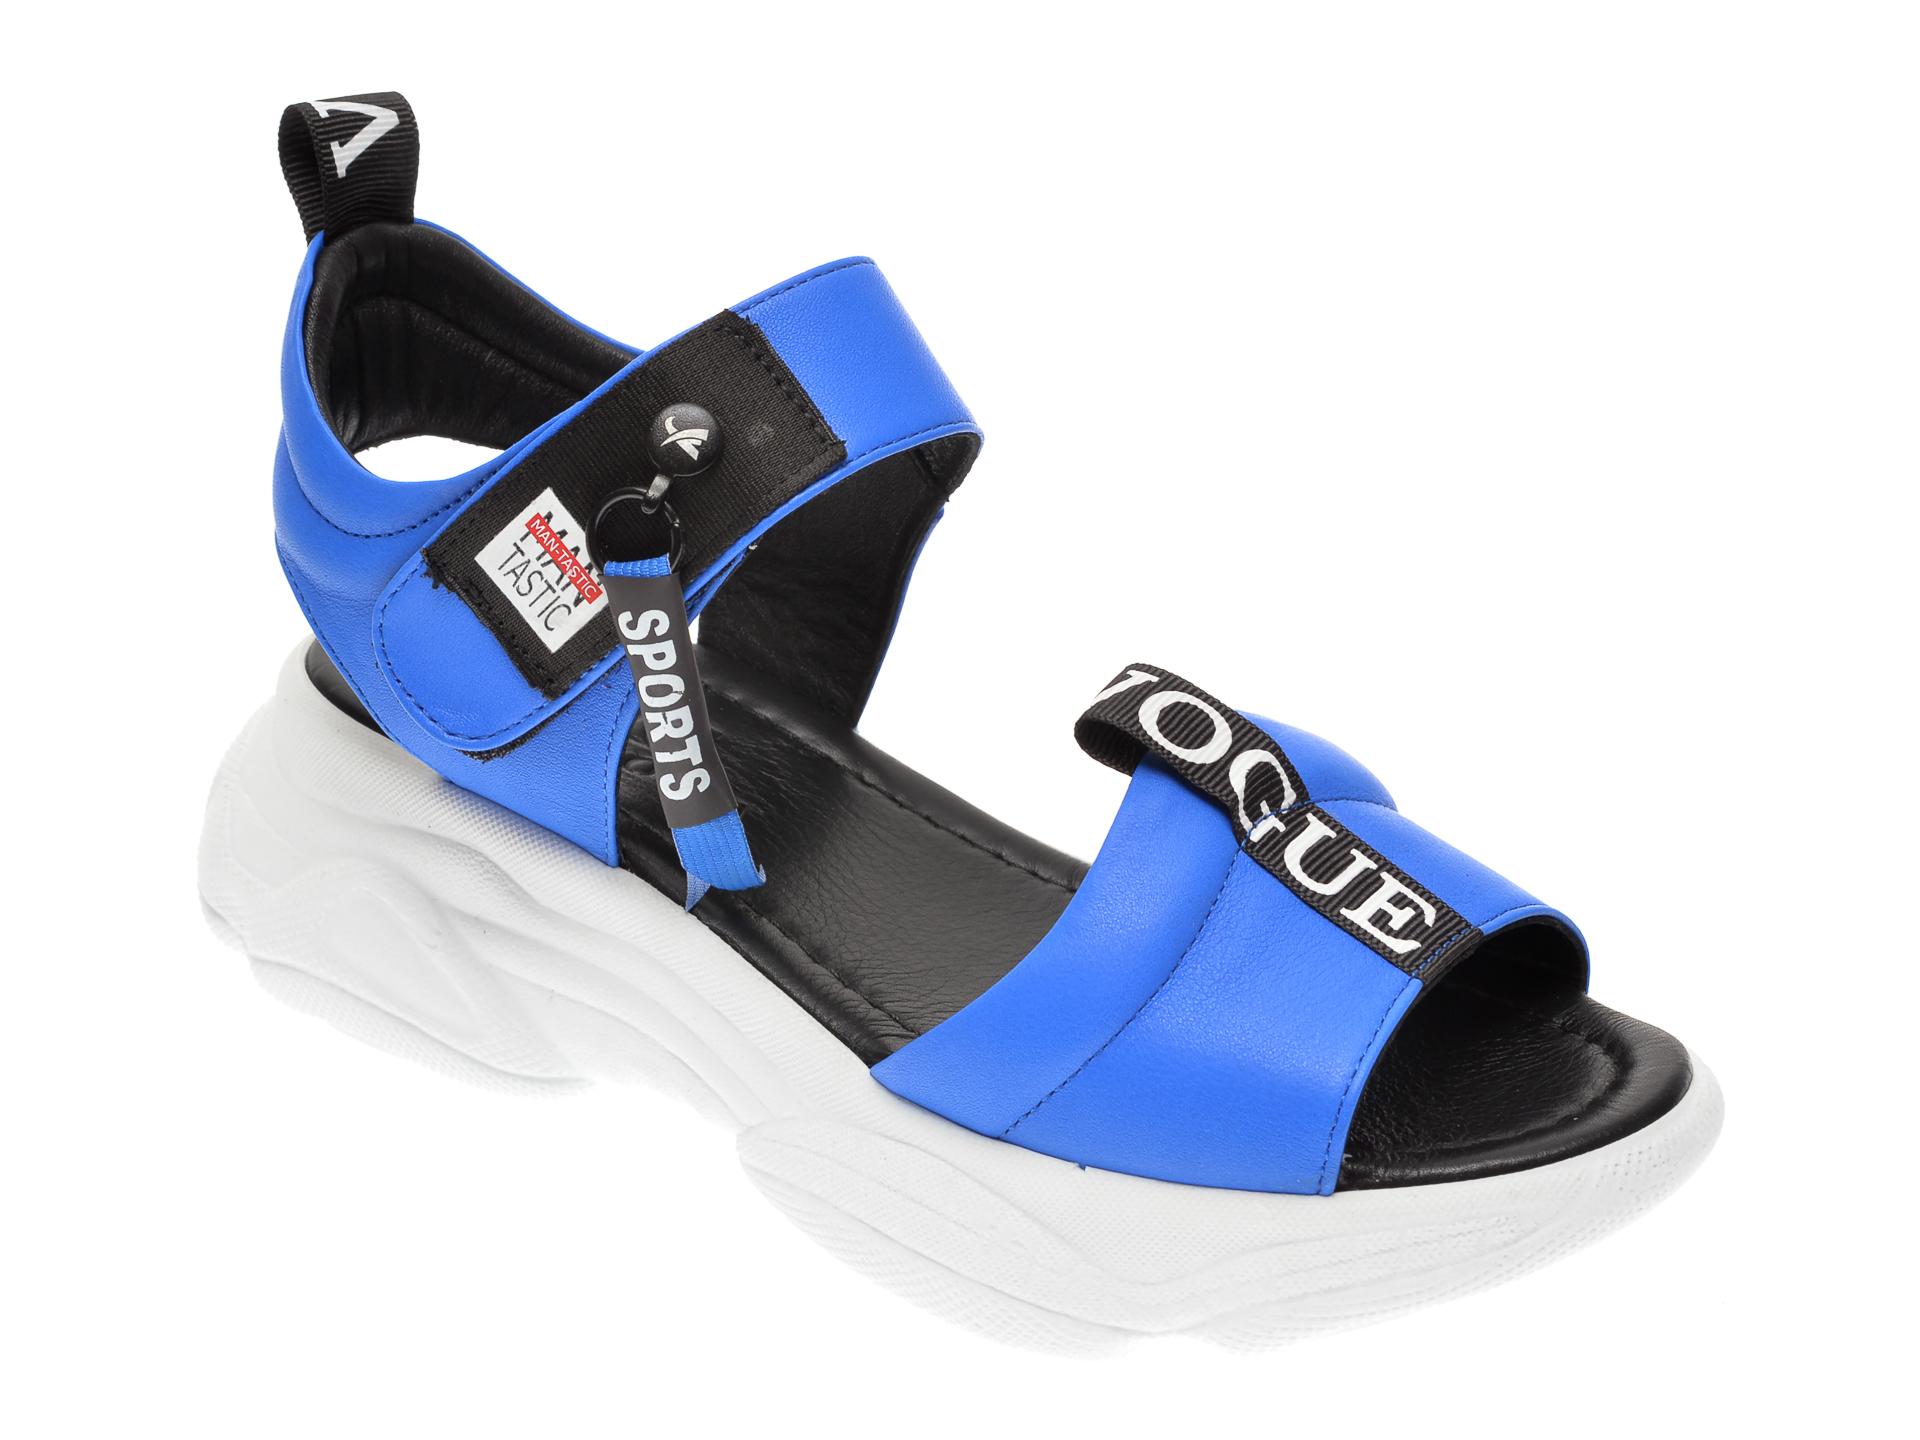 Sandale DACOTA albastre, 235946, din piele naturala